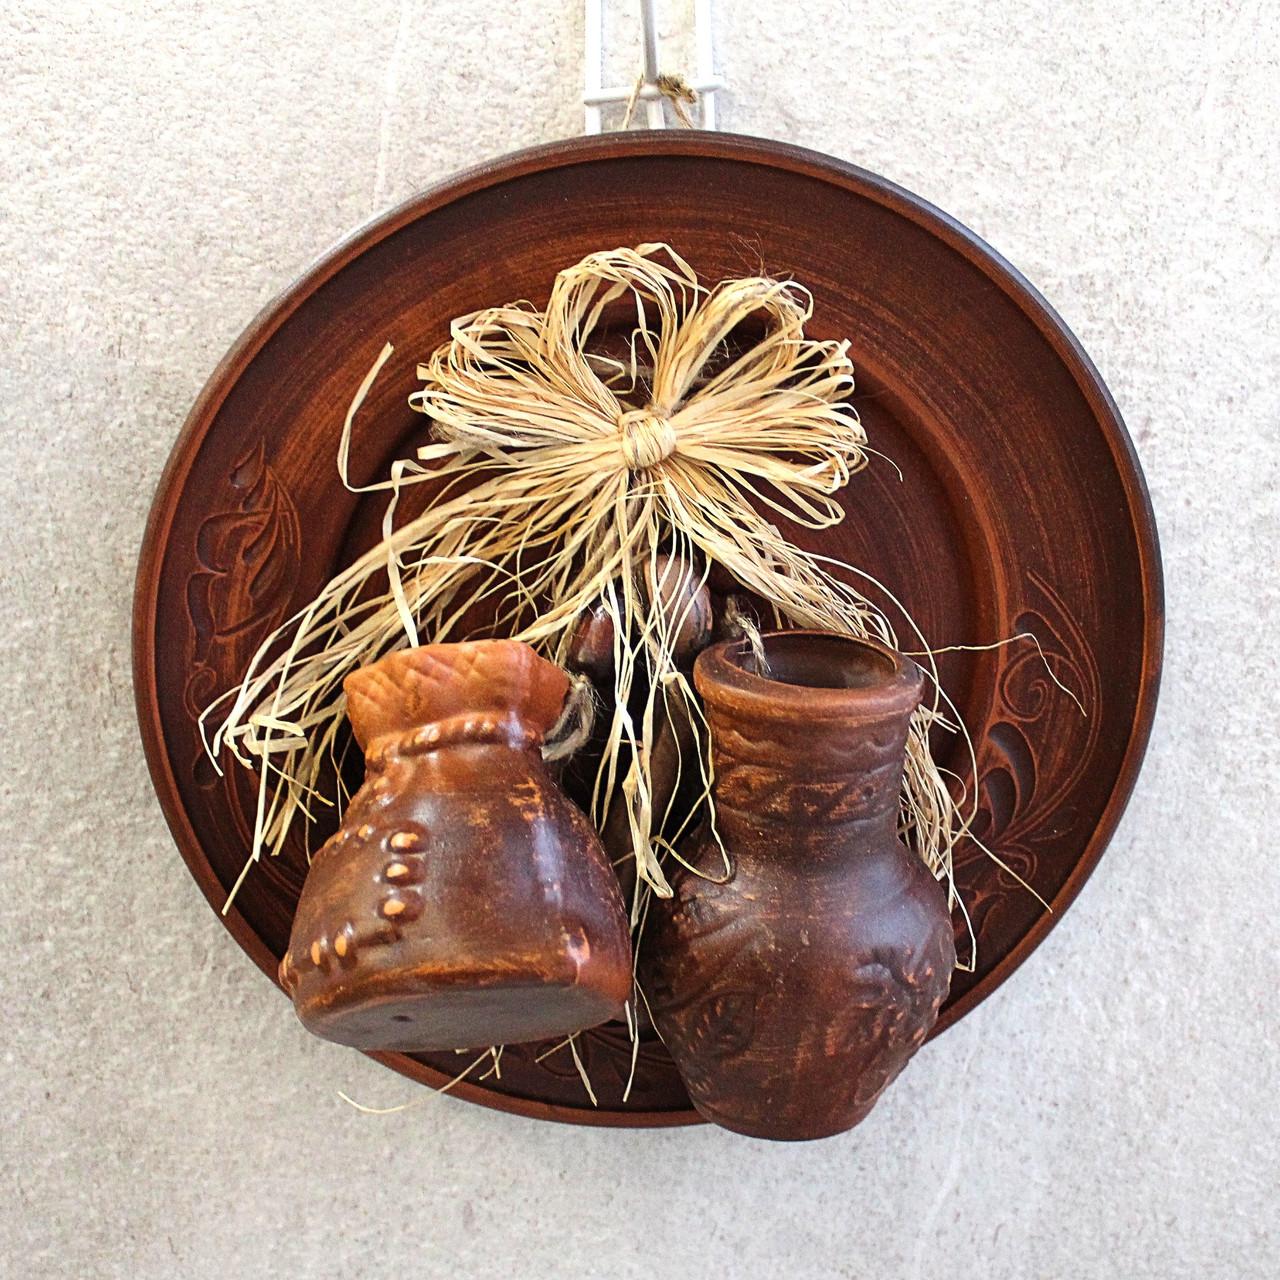 Тарілка декоративна підвісна Оберіг, керамічний оберіг для дому